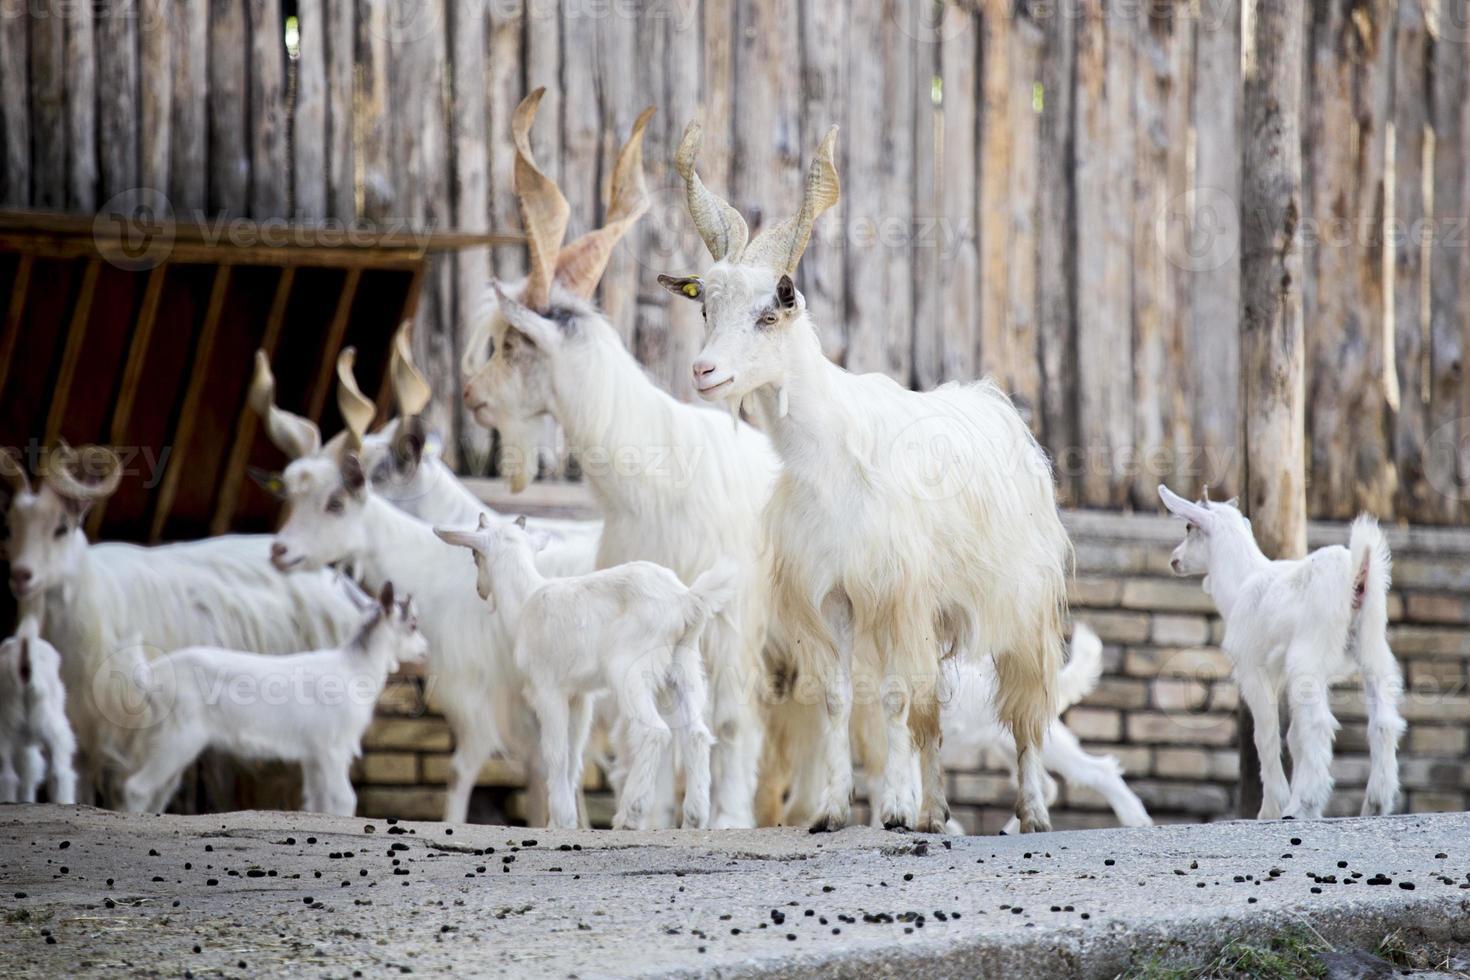 branco di capre domestiche girgentana con bambini foto